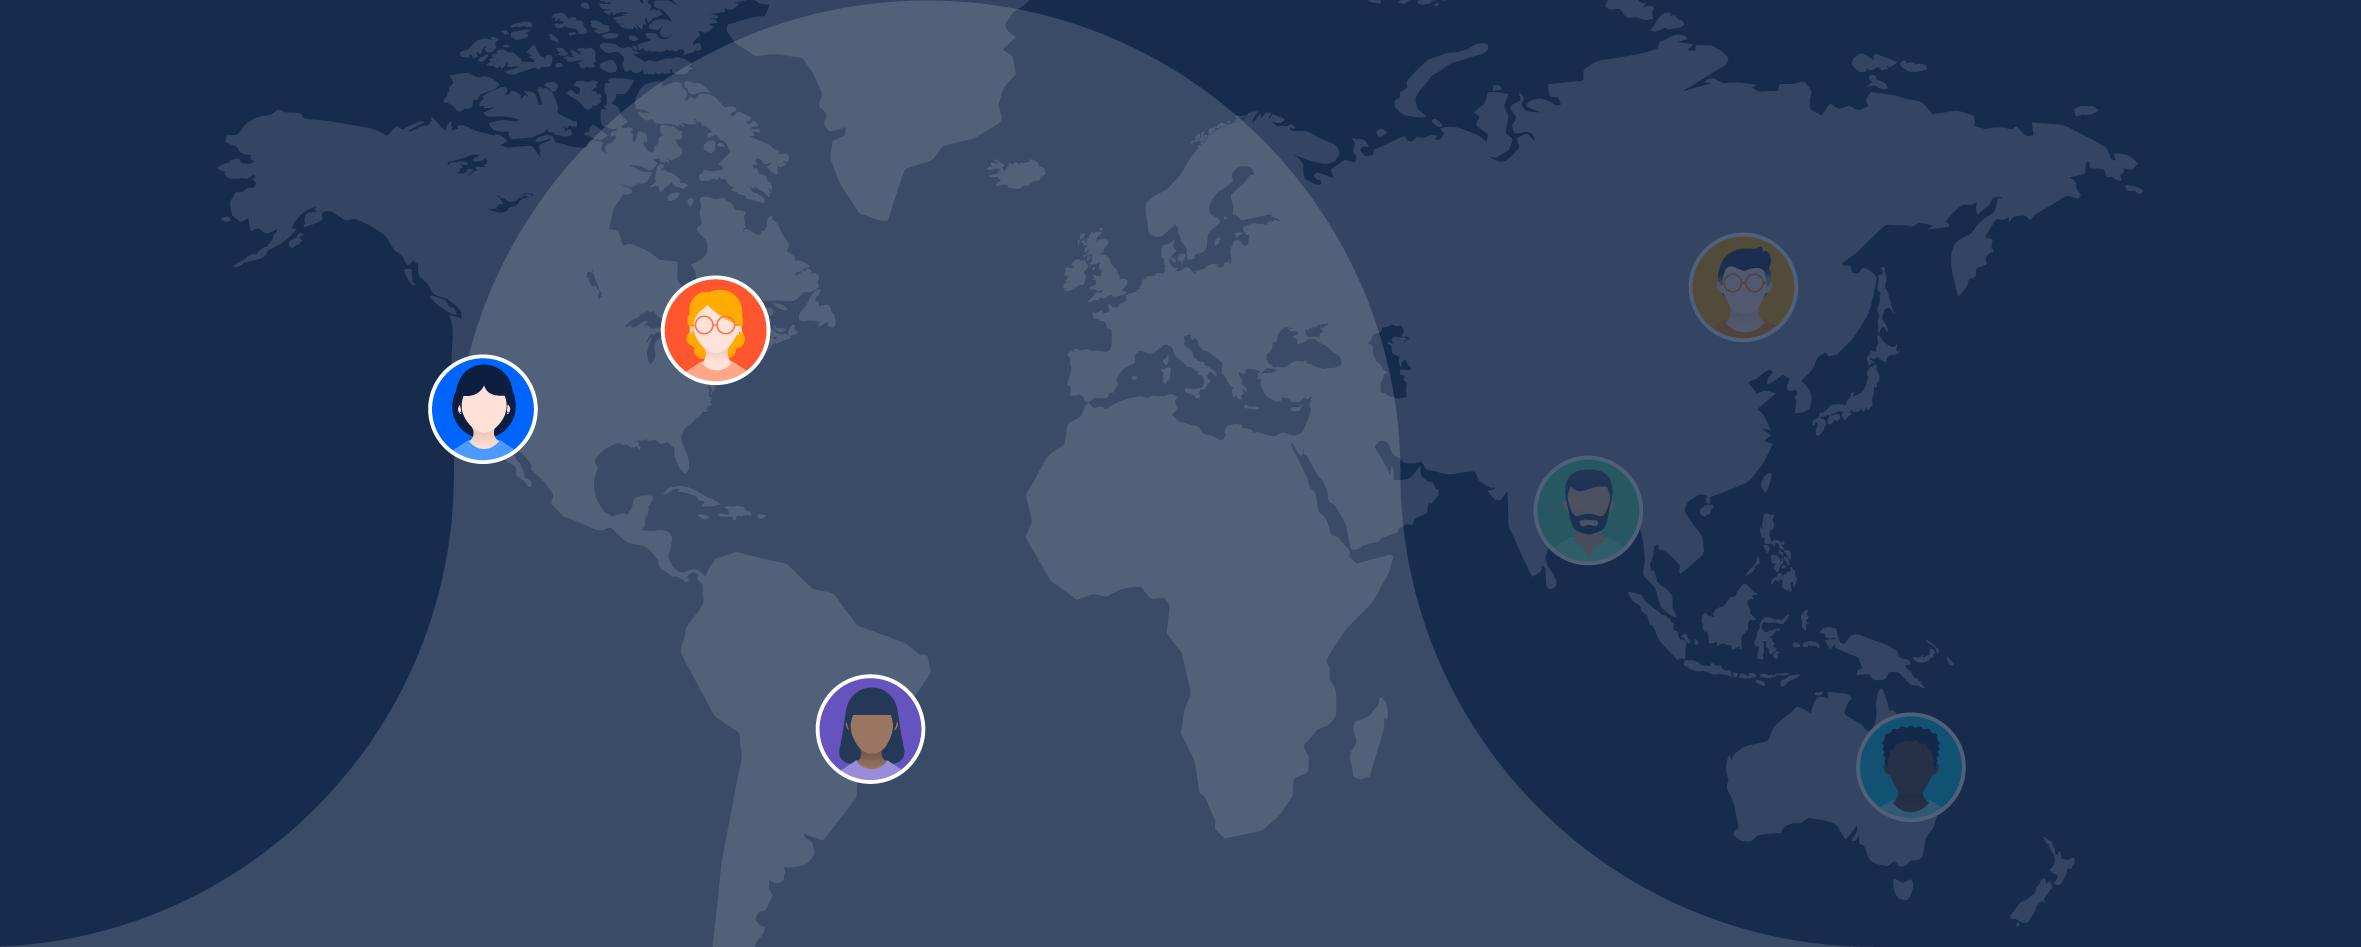 Карта мира с подсвеченными агентами